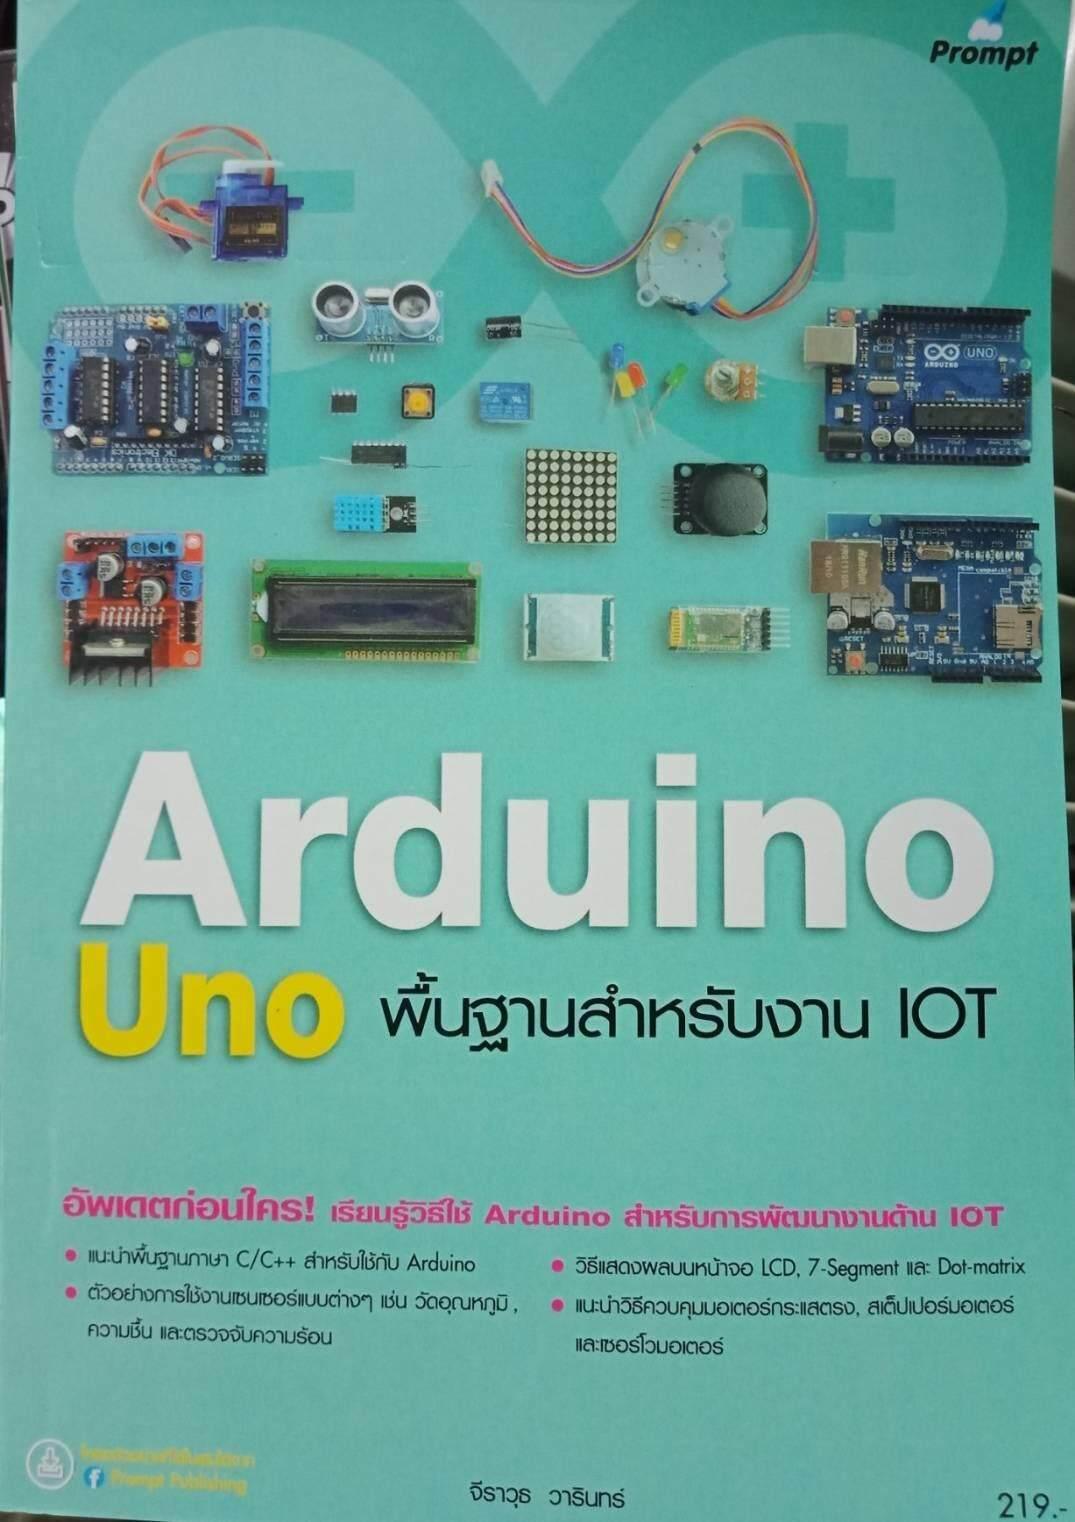 หนังสือ Arduino Uno พื้นฐานสำหรับงาน Iot By Simplify.